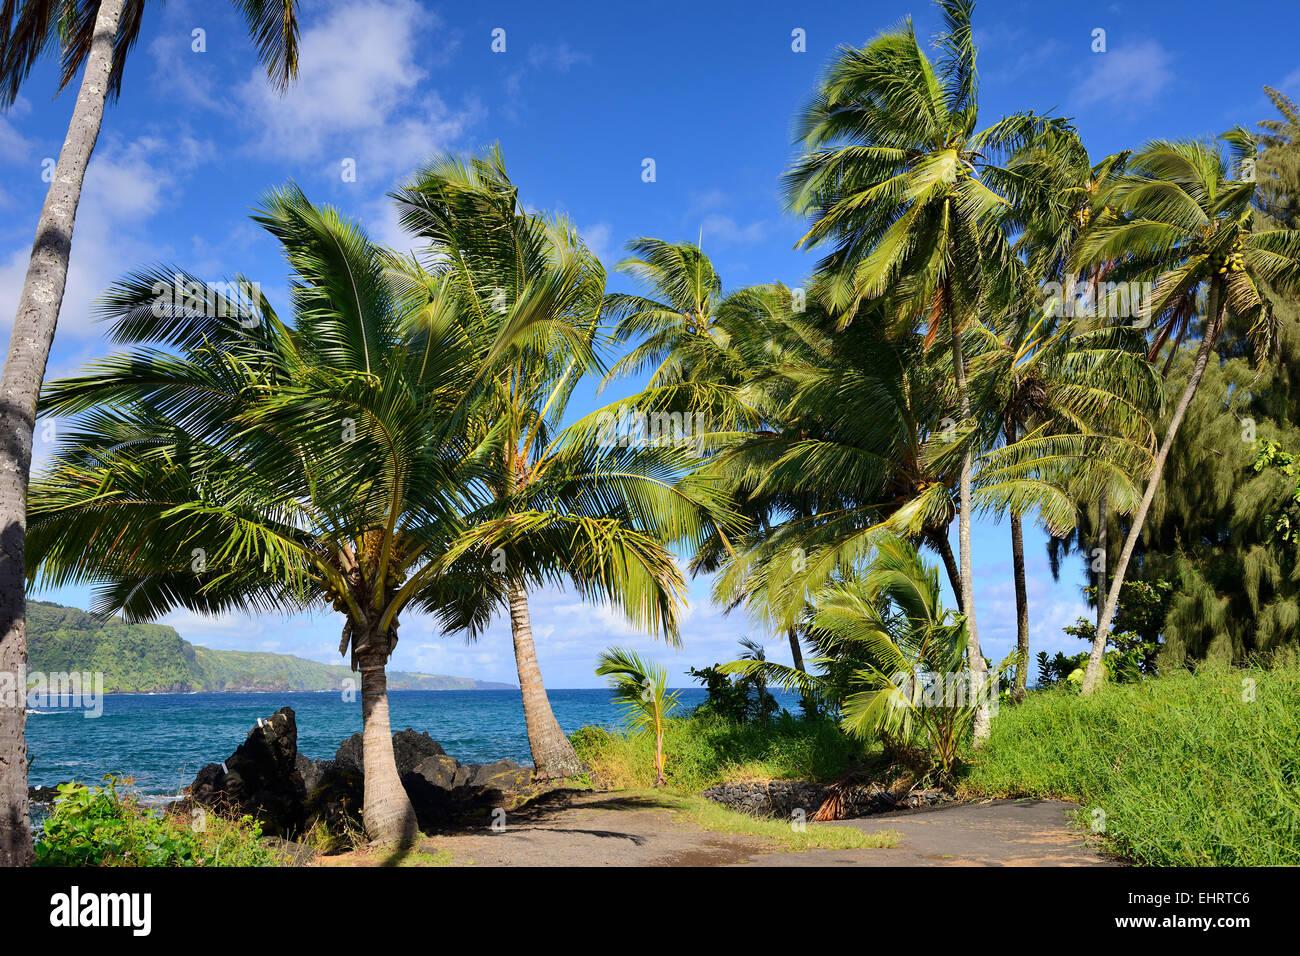 Maui 2017: Best of Maui Tourism - TripAdvisor